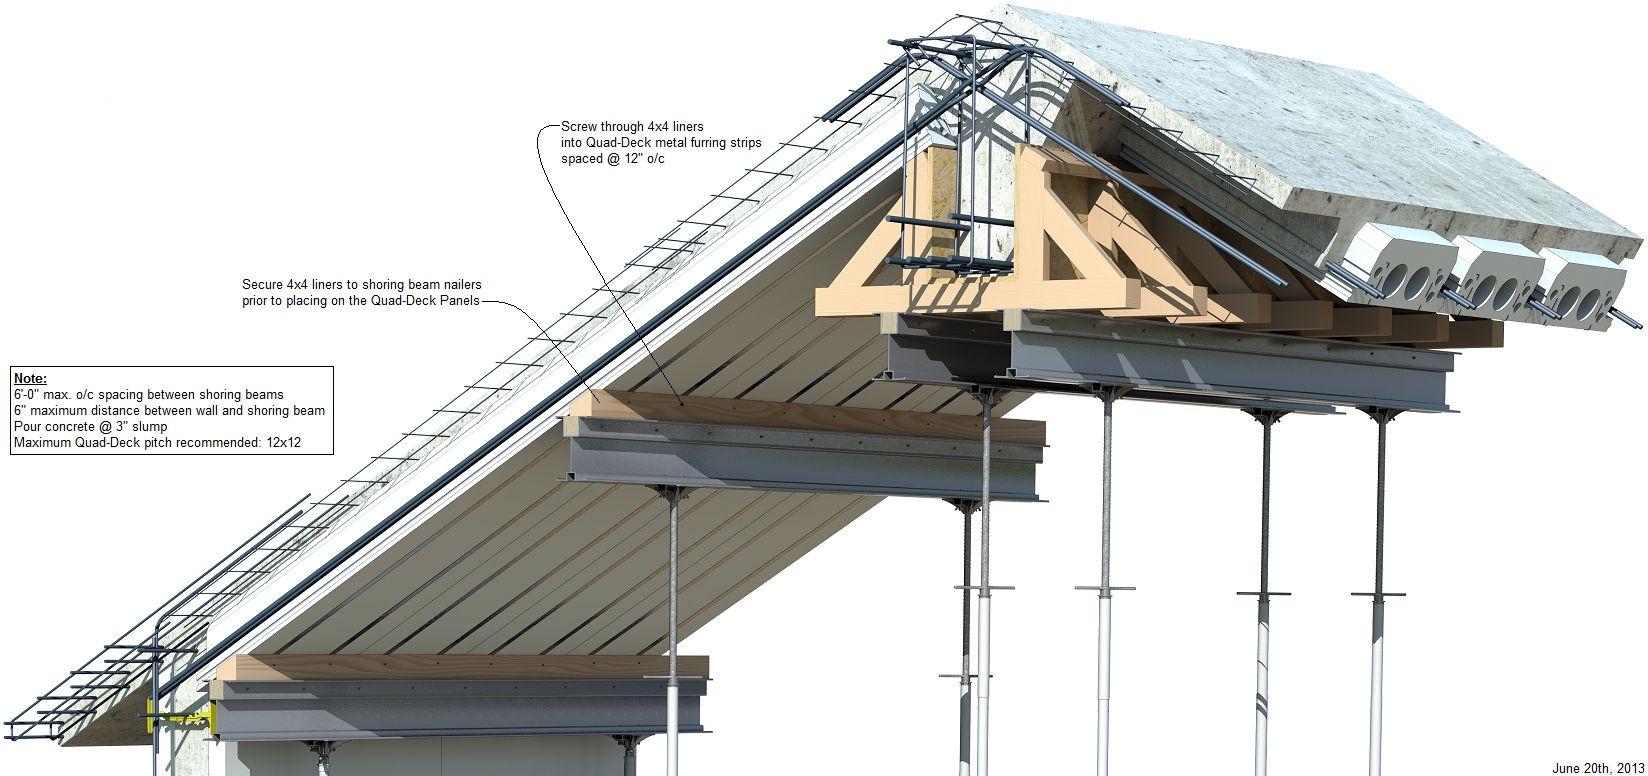 Isolare La Casa Basaluzzo precast concrete roof deck panels(이미지 포함) | 건축, 건축물